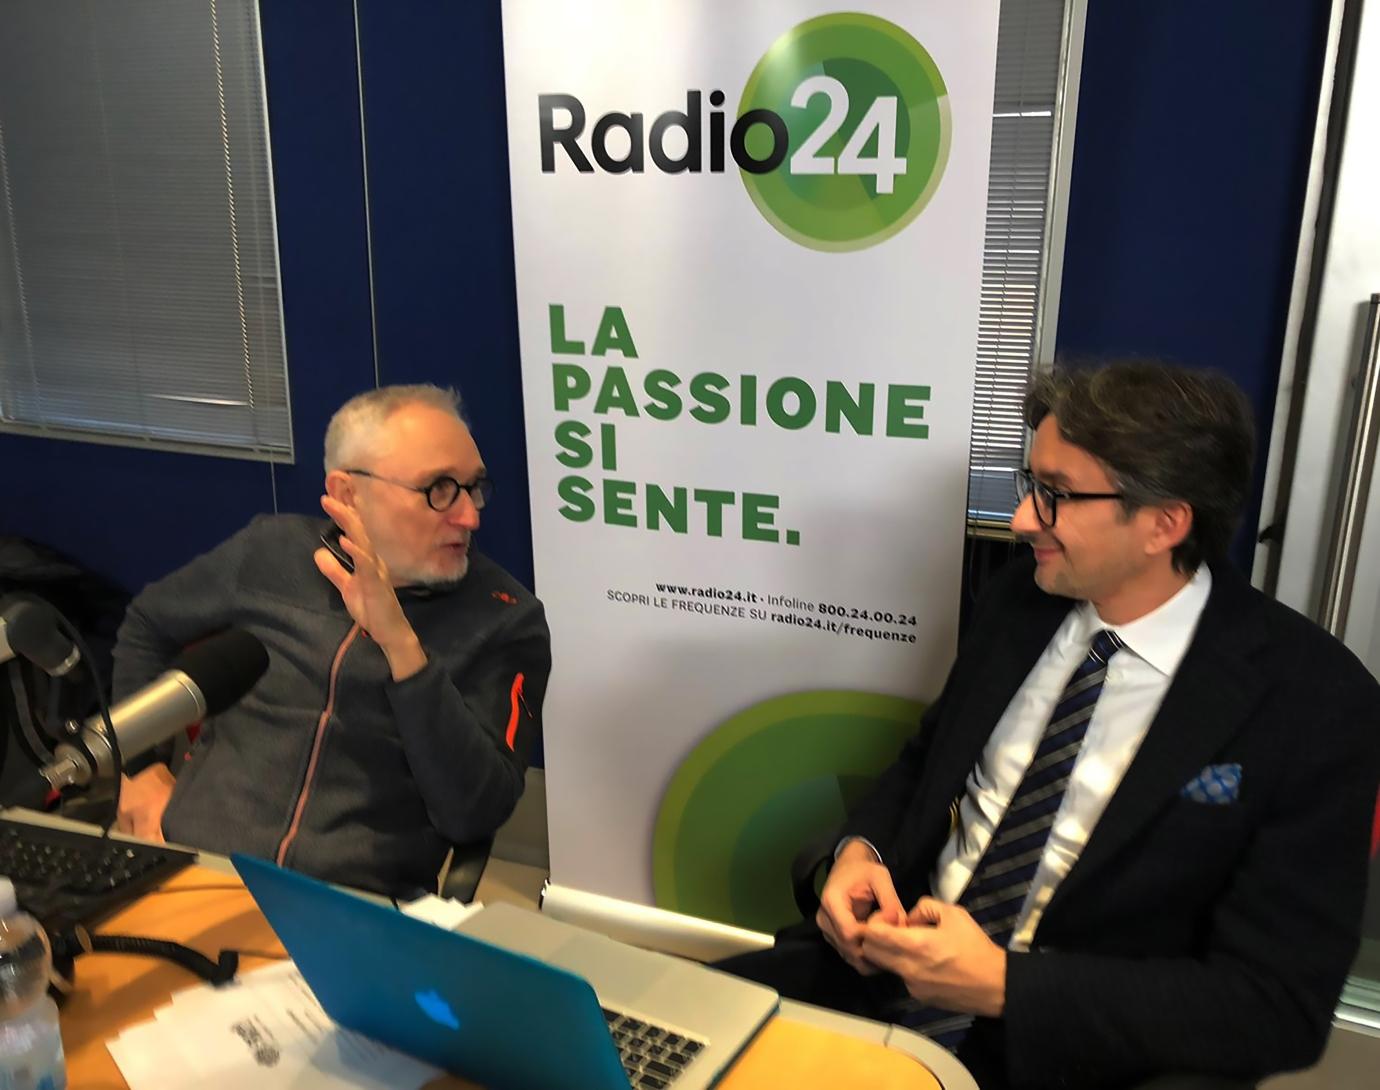 Tiziano Panconi intervistato a Radio24 da Gianluca Nicoletti.